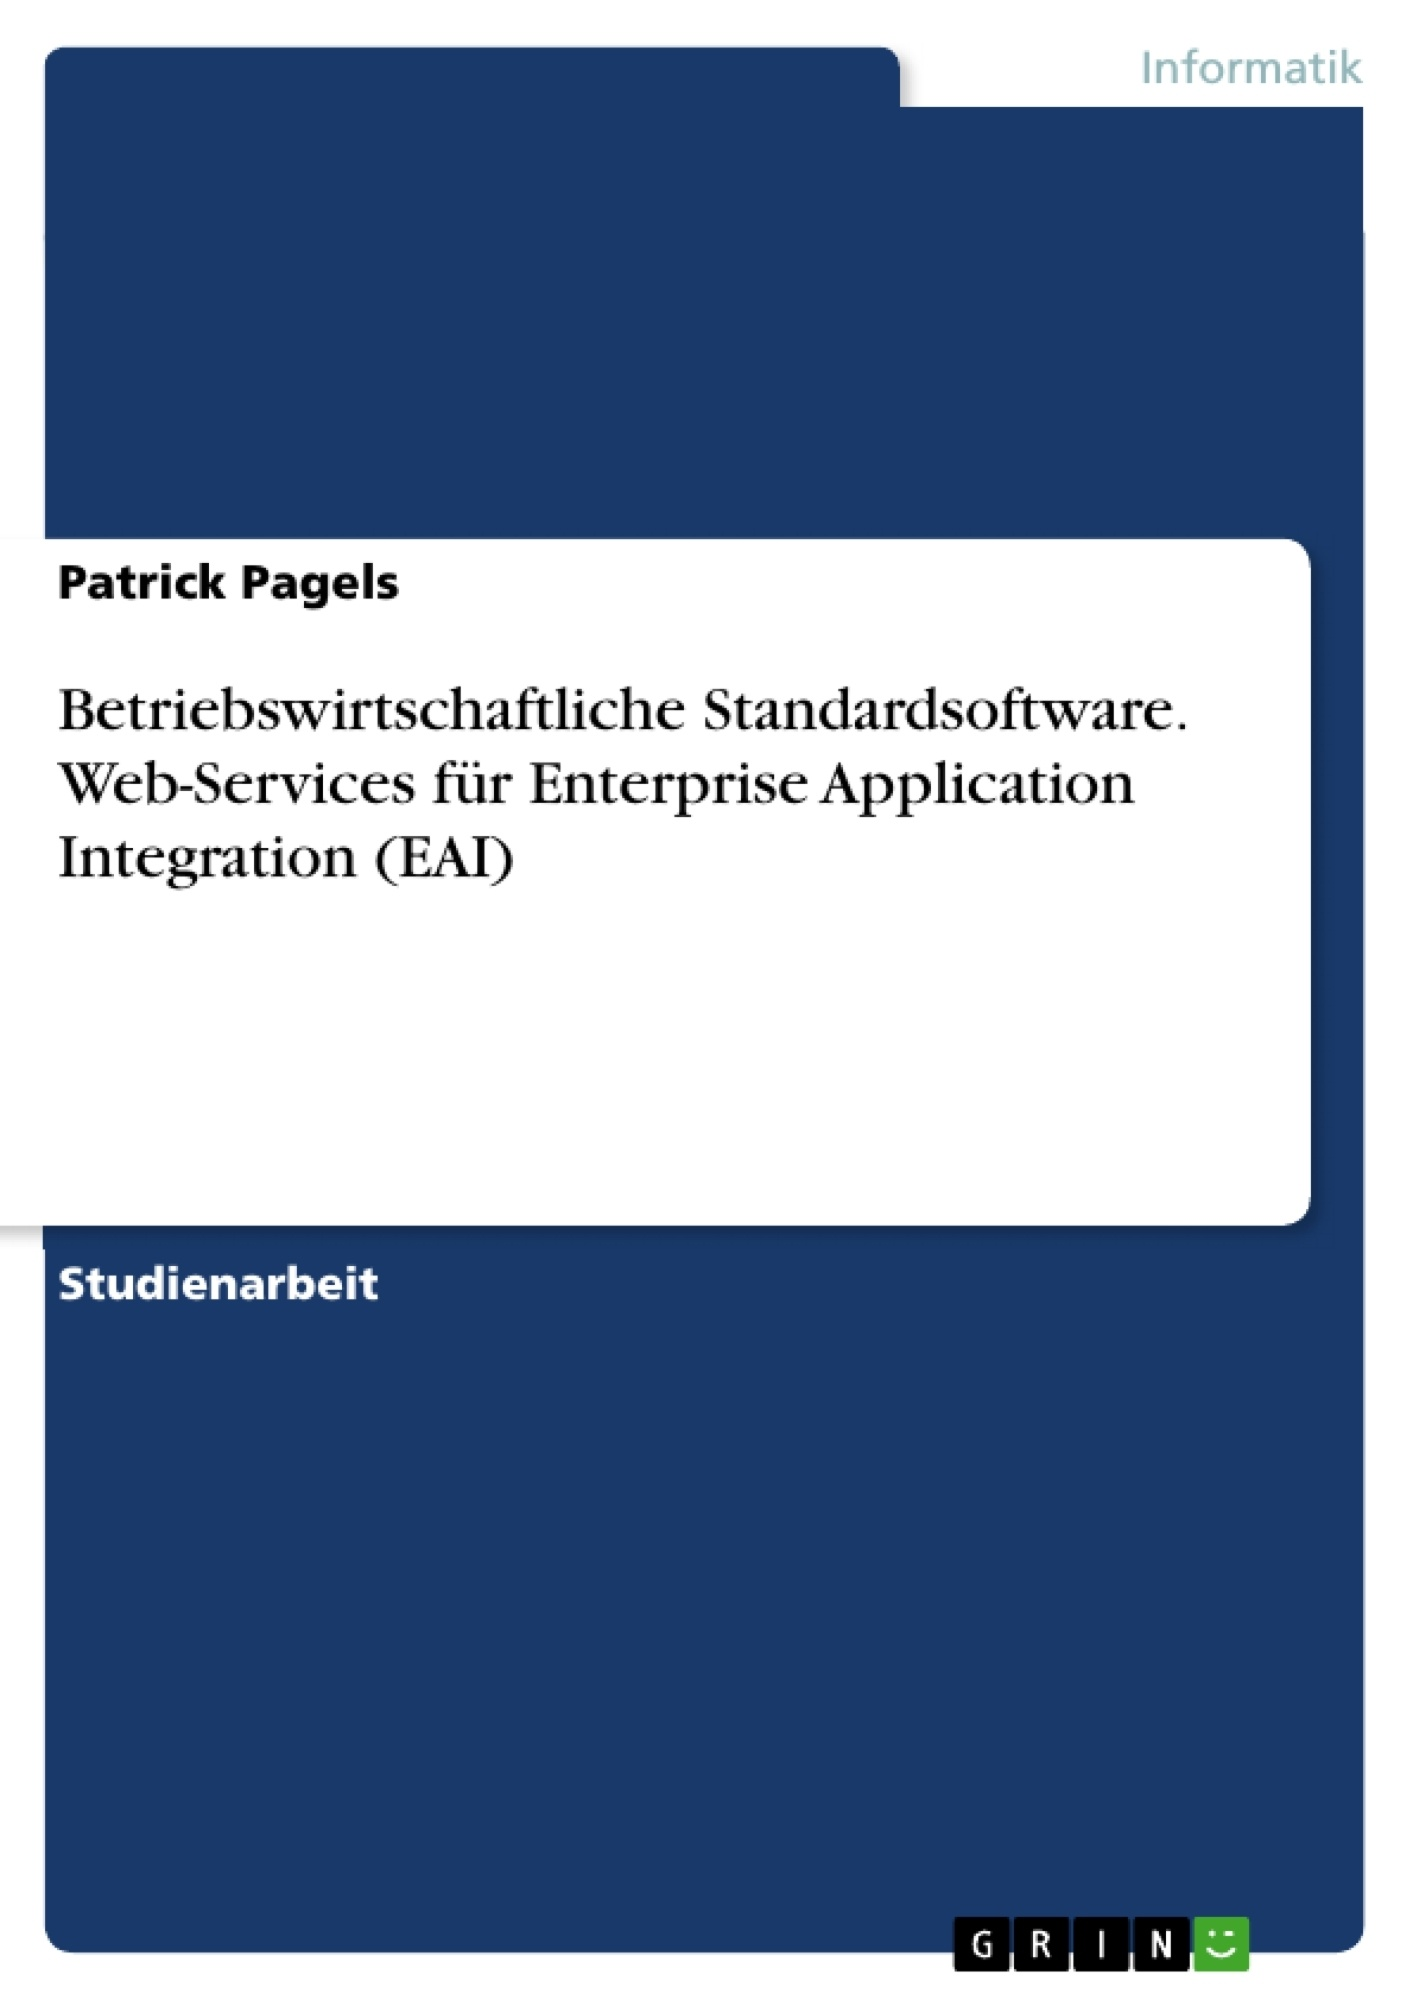 Titel: Betriebswirtschaftliche Standardsoftware. Web-Services für Enterprise Application Integration (EAI)